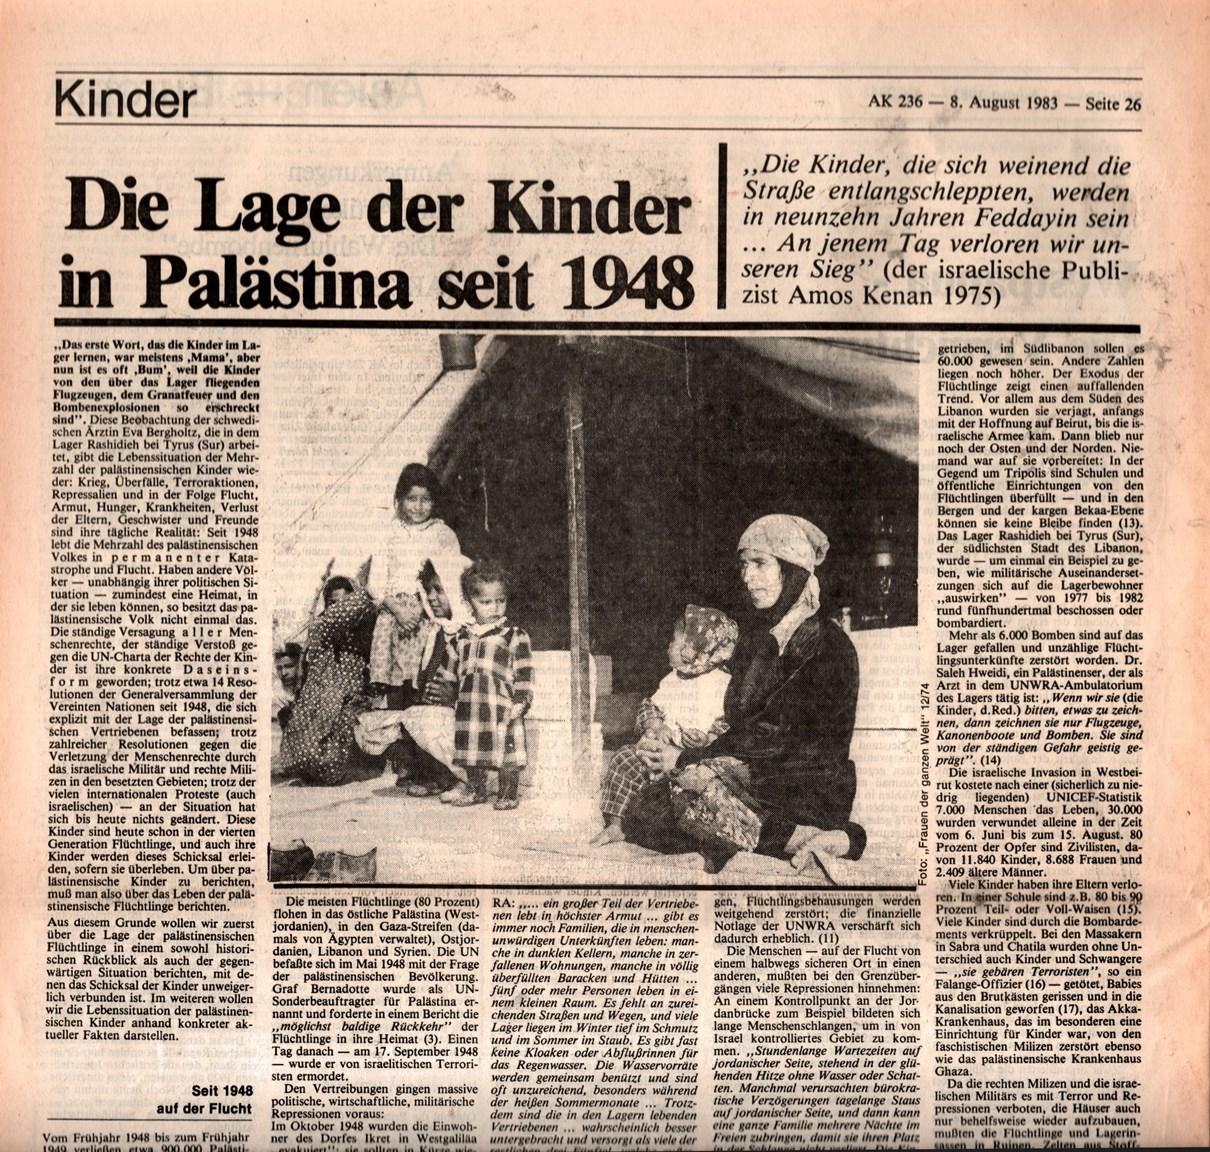 KB_AK_1983_236_051